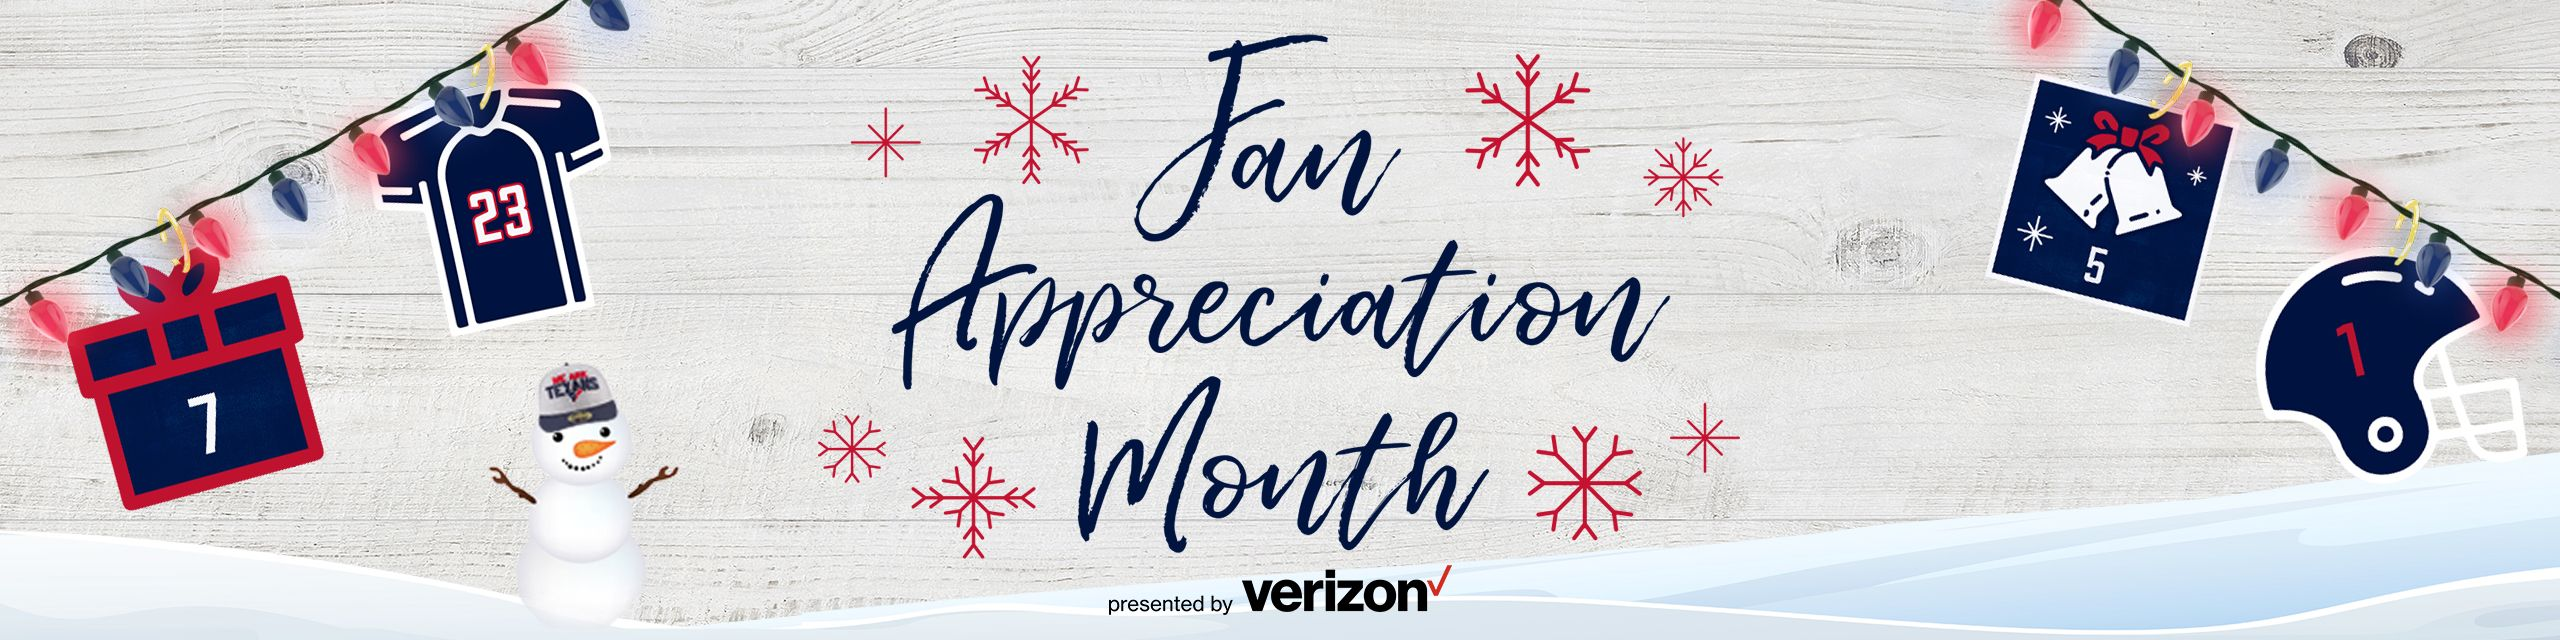 Fan Appreciation Month